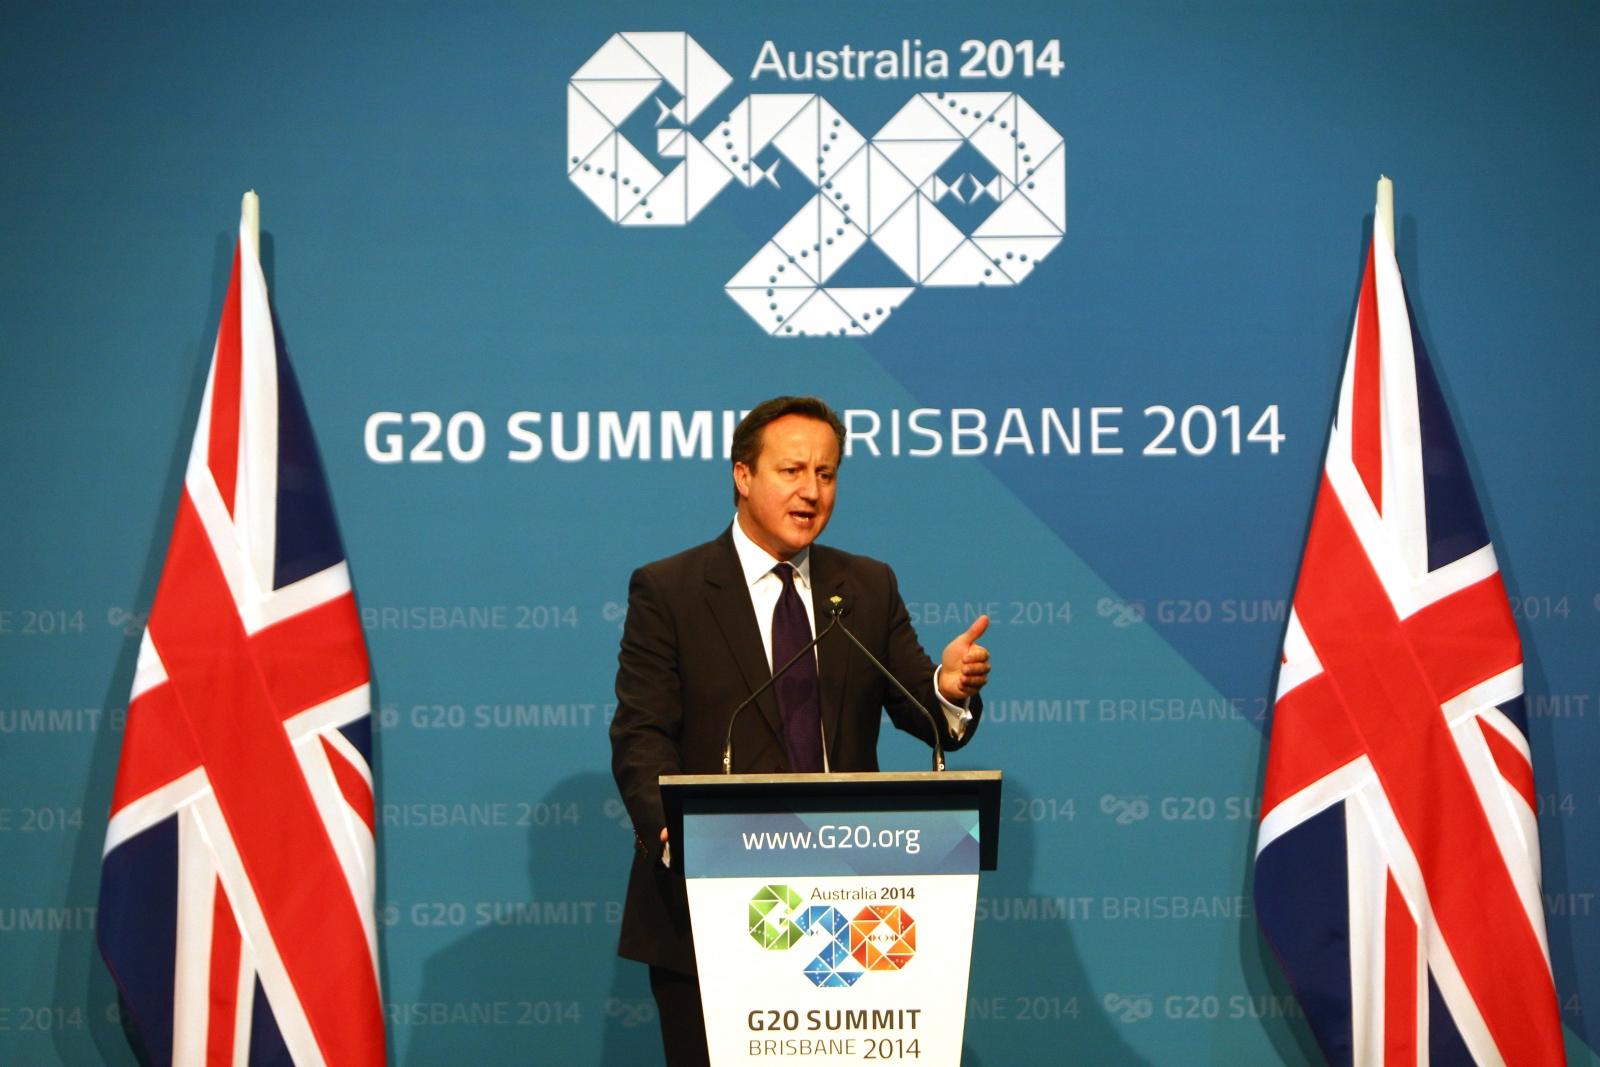 David Cameron speaks at the G20 summit in Brisbane, Australia. (Getty)